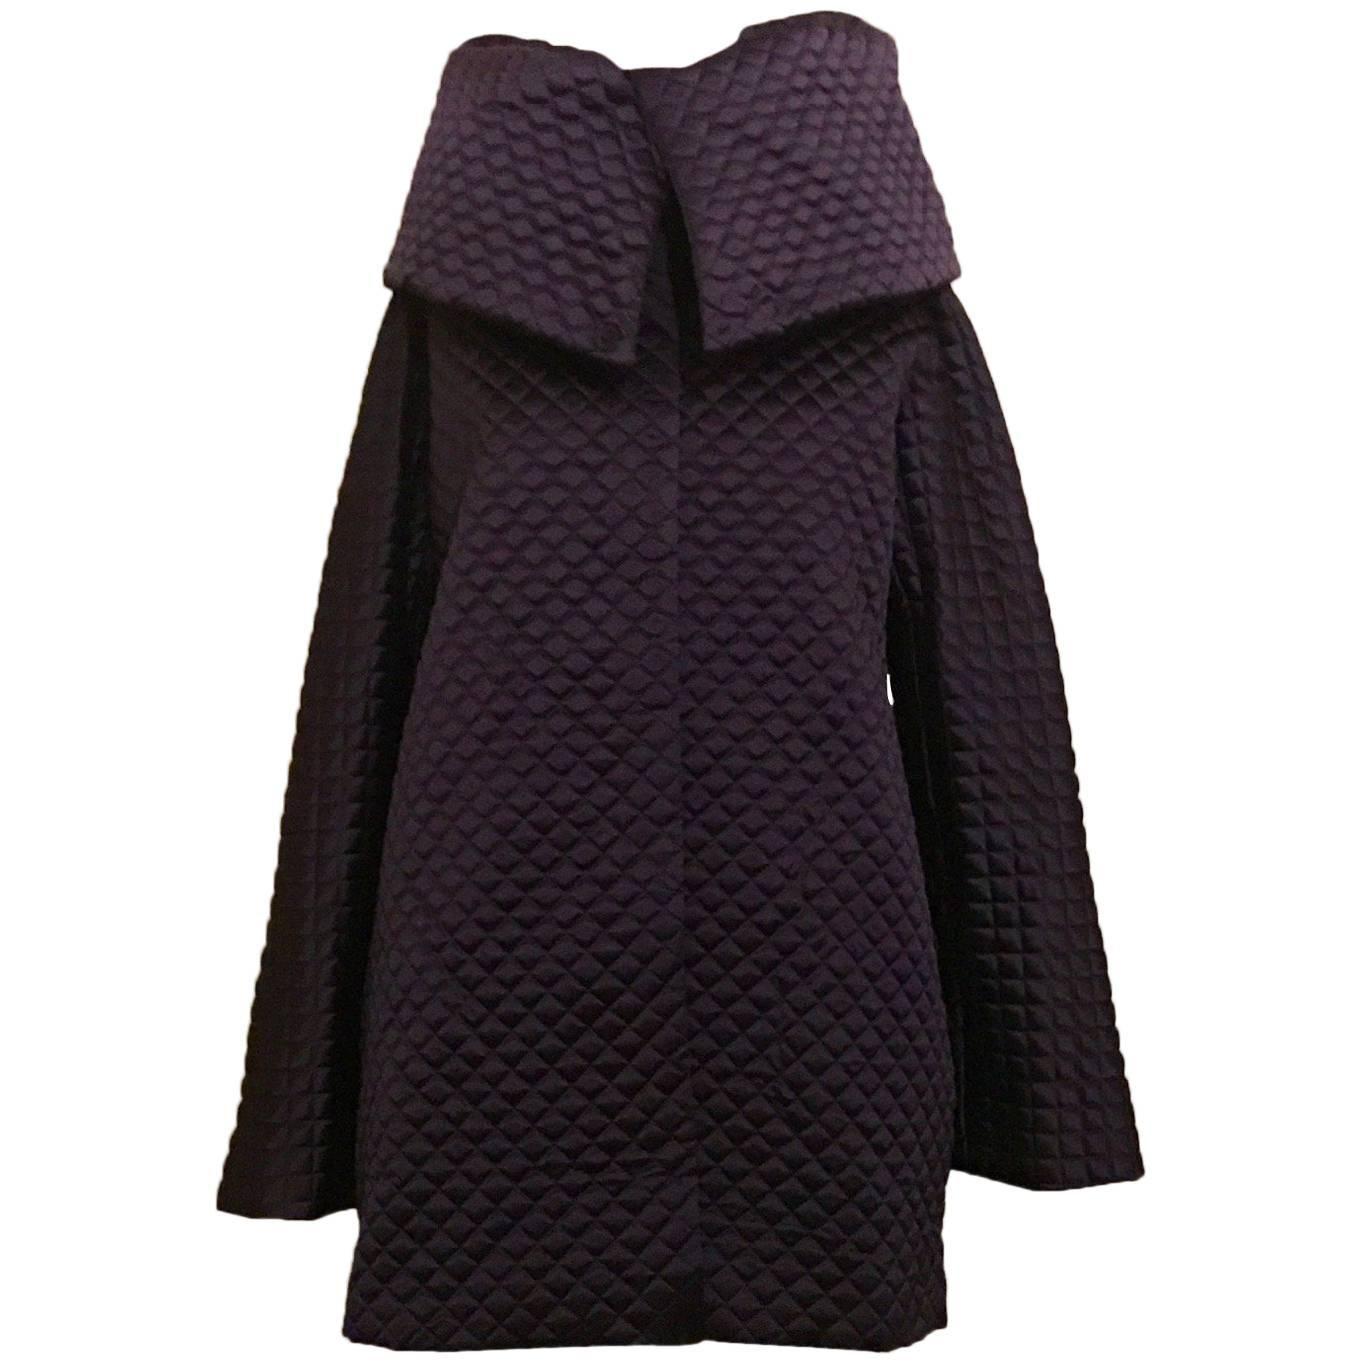 New 2007 Alexander McQueen Runway Purple Quilted High Collar Jacket Coat